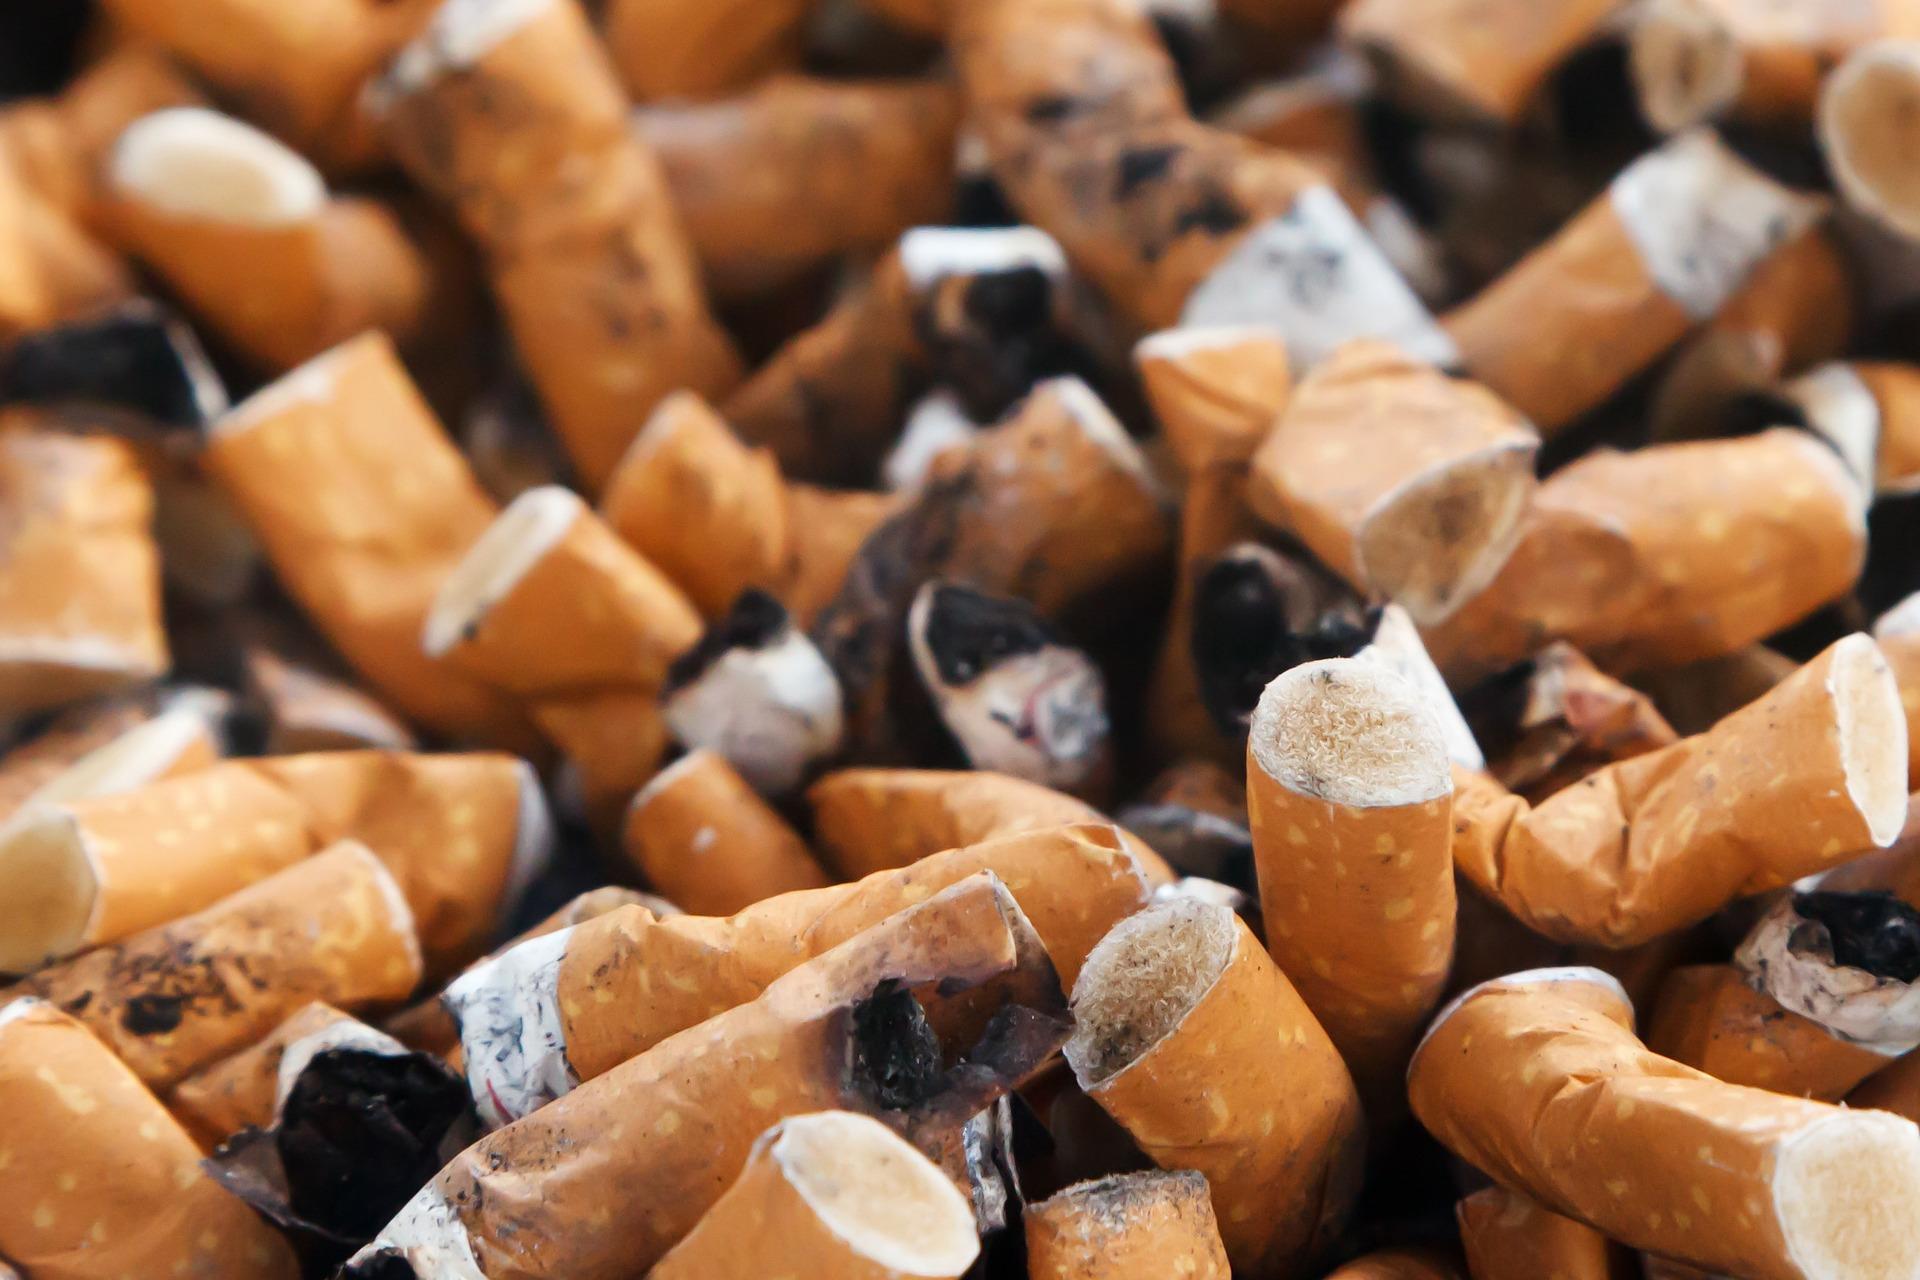 Из сигаретных фильтров будут производить асфальт